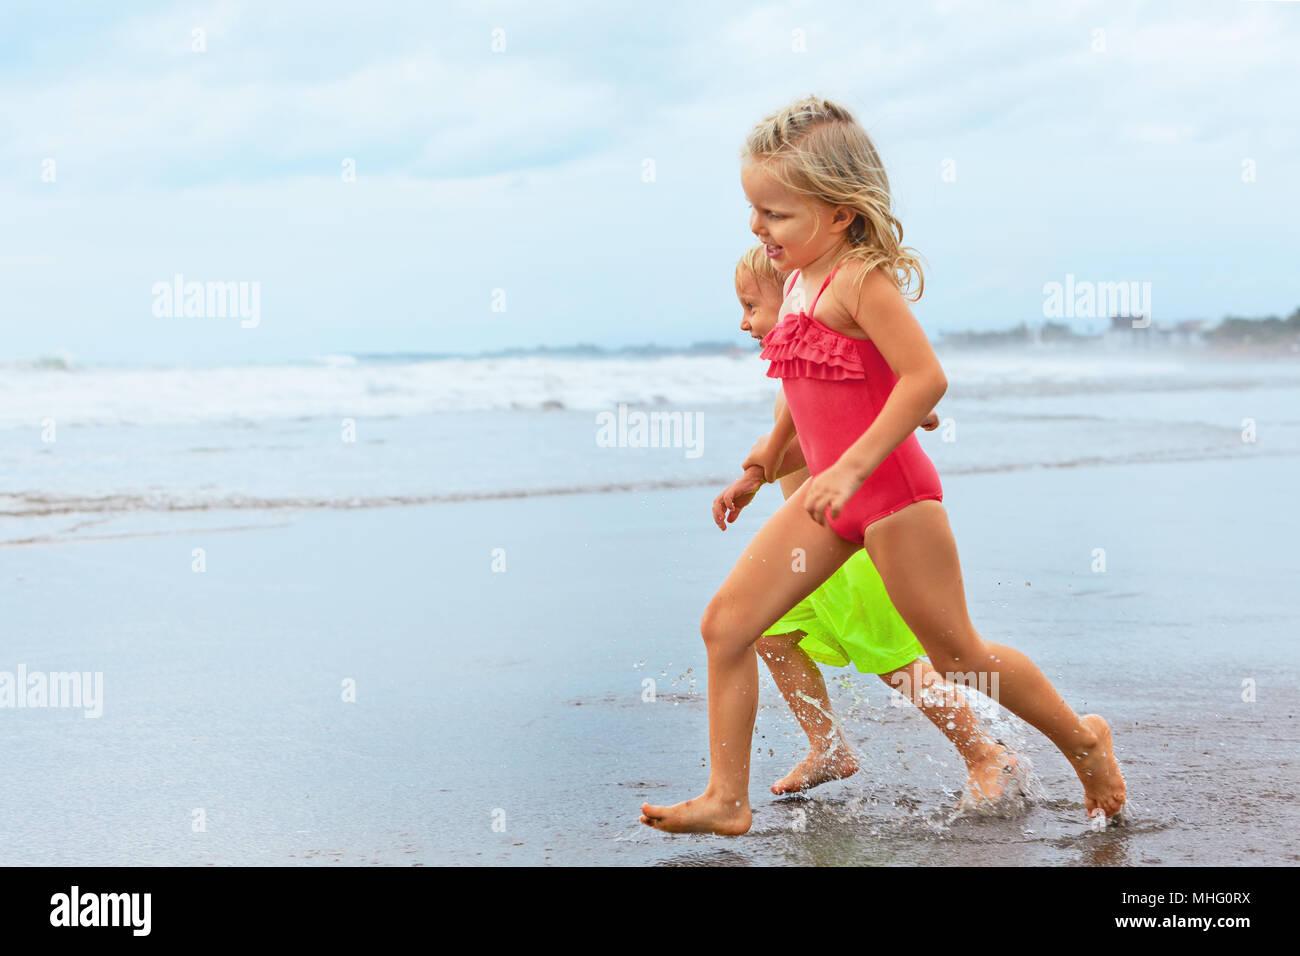 Heureux les enfants aux pieds nus s'amuser sur Sunset Beach à pied. Piscine d'eau de mer le long de surf et saut. Voyages en famille mode de vie, activités de natation Photo Stock